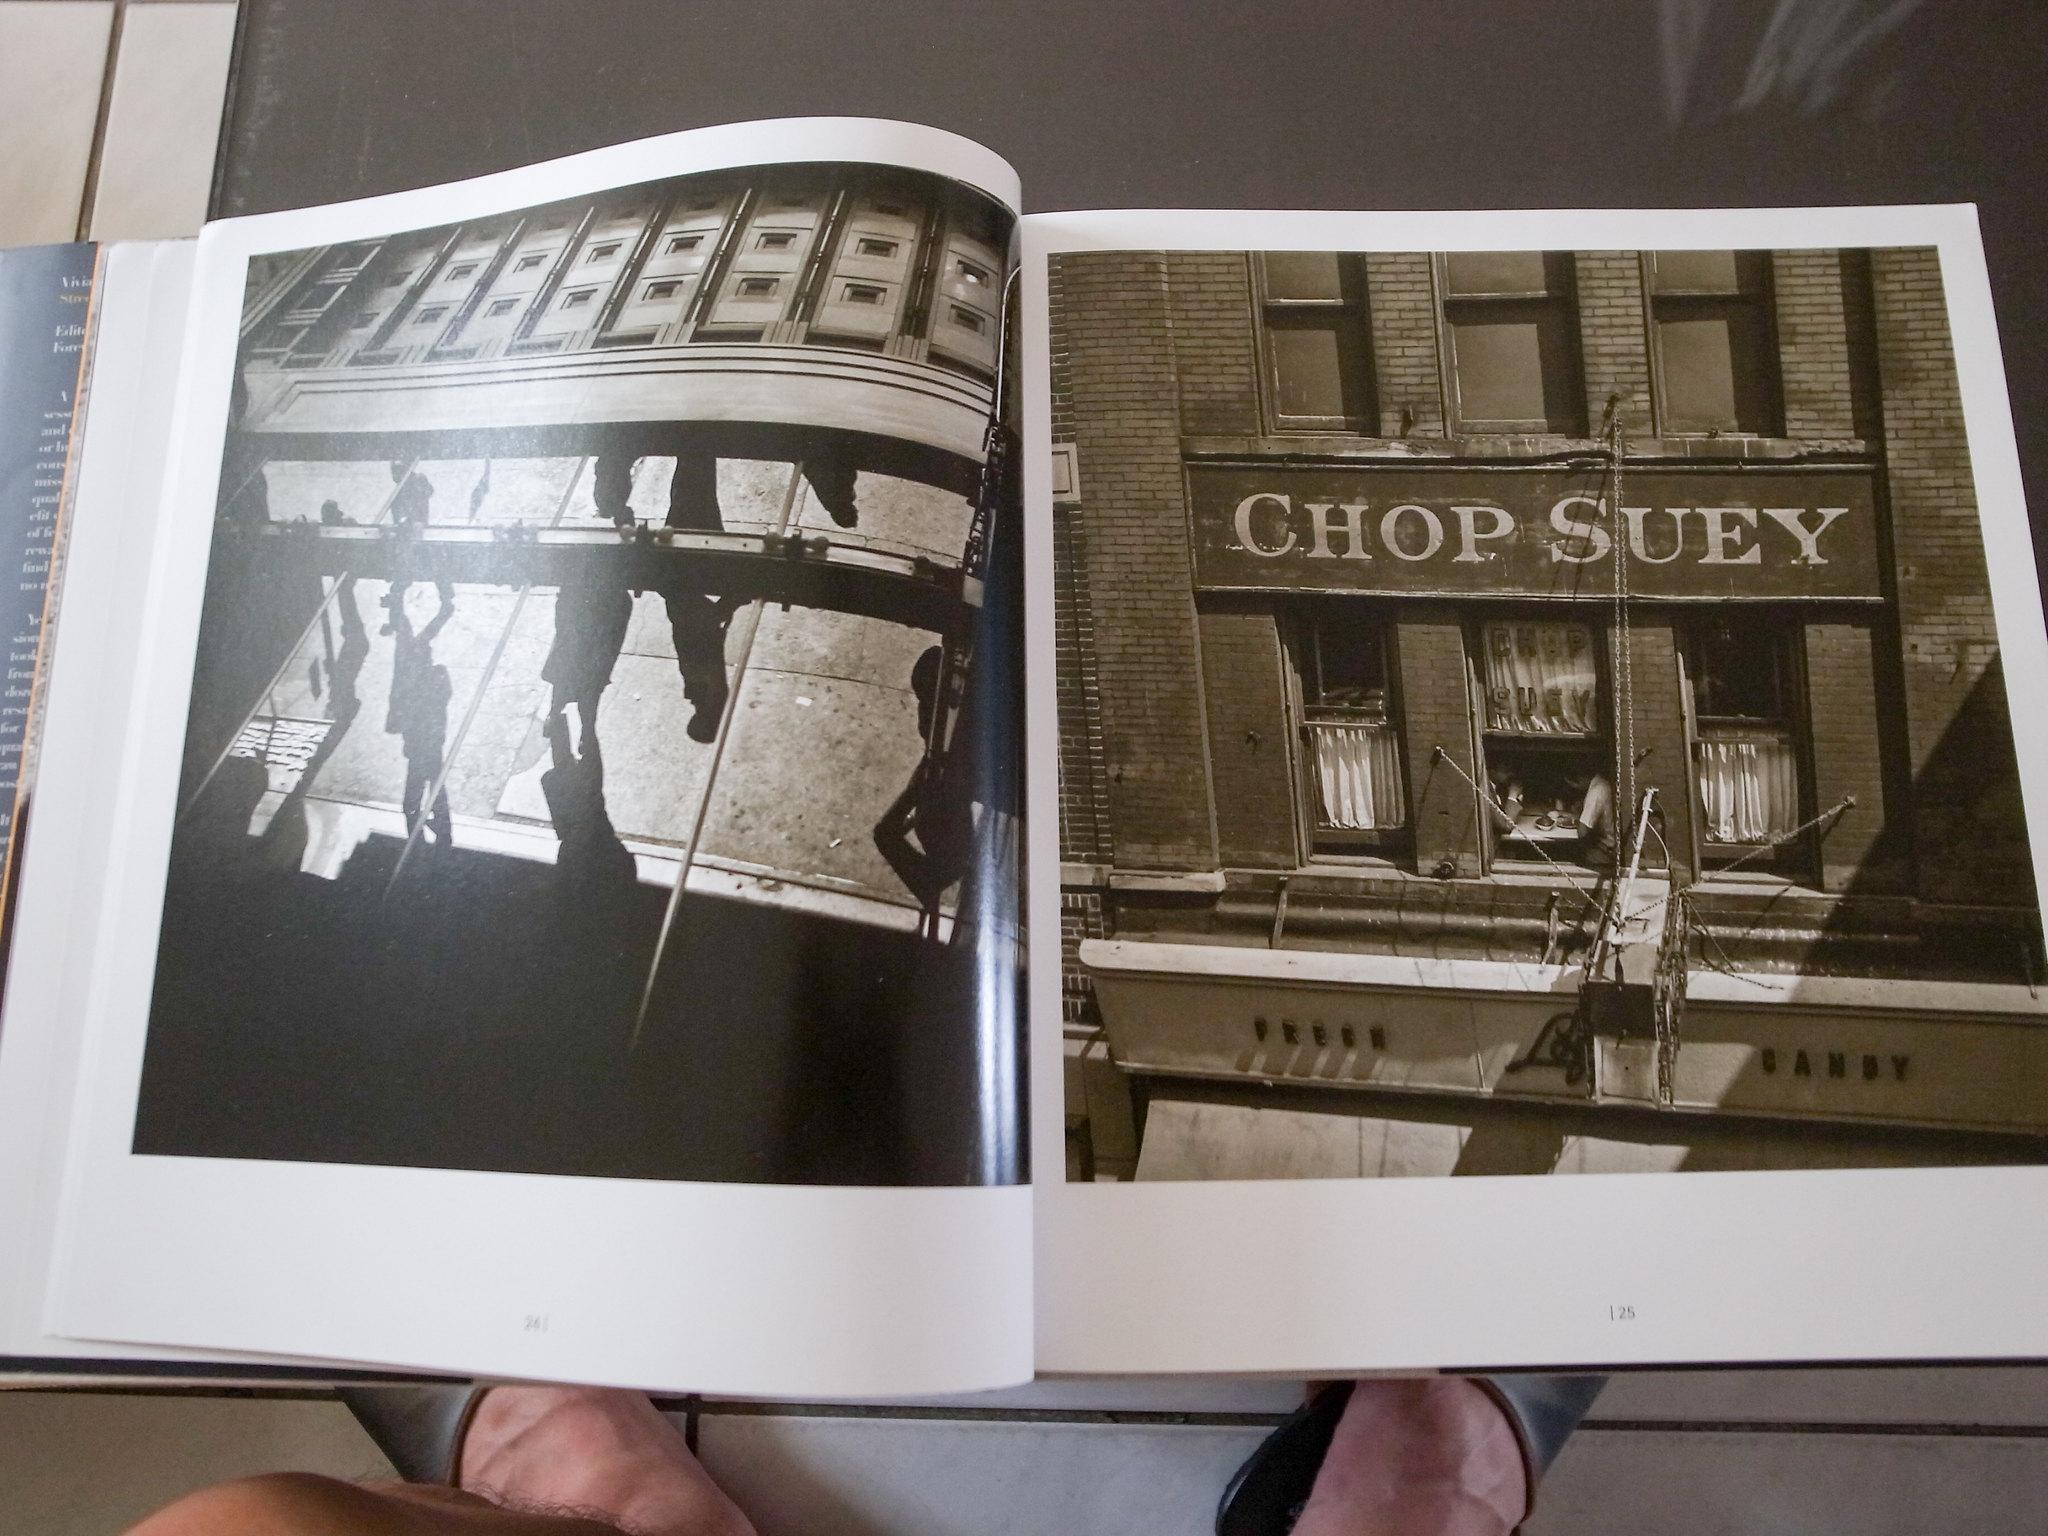 [ 攝影集開箱 ] - 傳奇素人街拍攝影師 - Vivian Maier